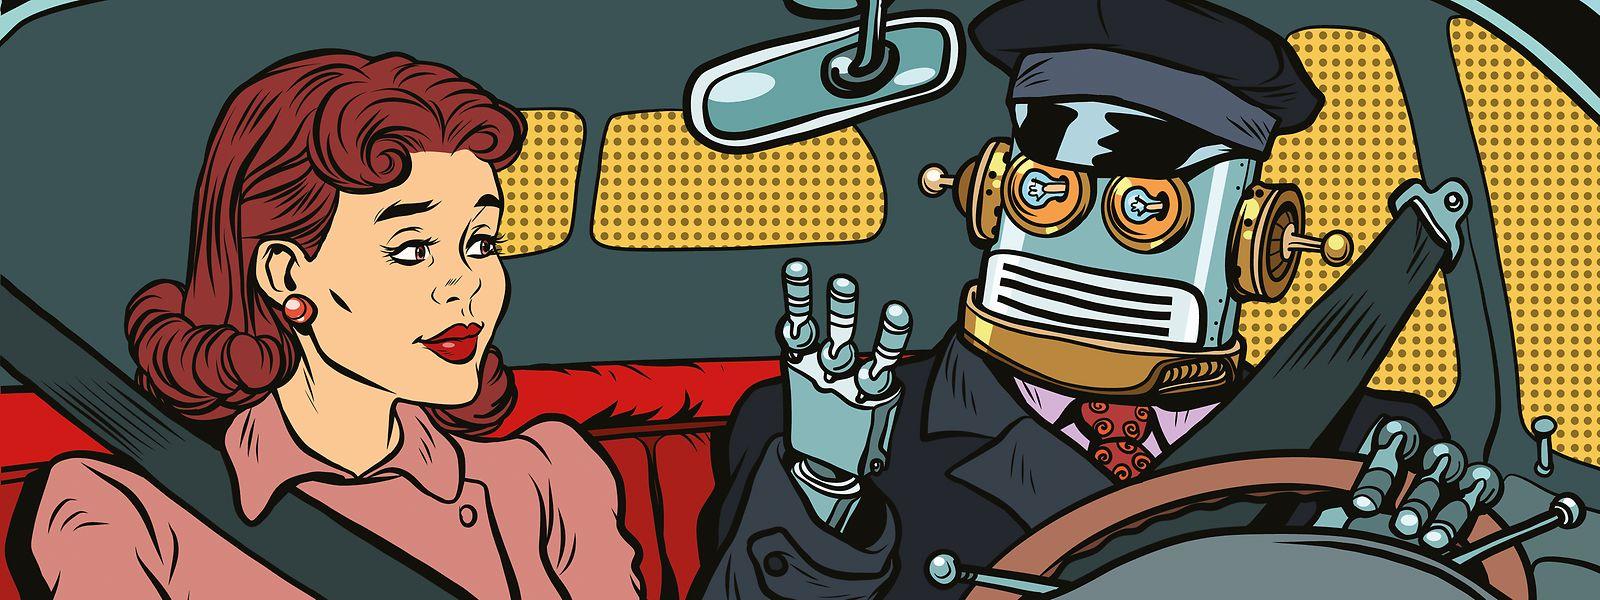 Noch vor 60 Jahren dachten Experten, dass Maschinen und Roboter uns jegliche Form von Arbeit in der nahen Zukunft abnehmen.